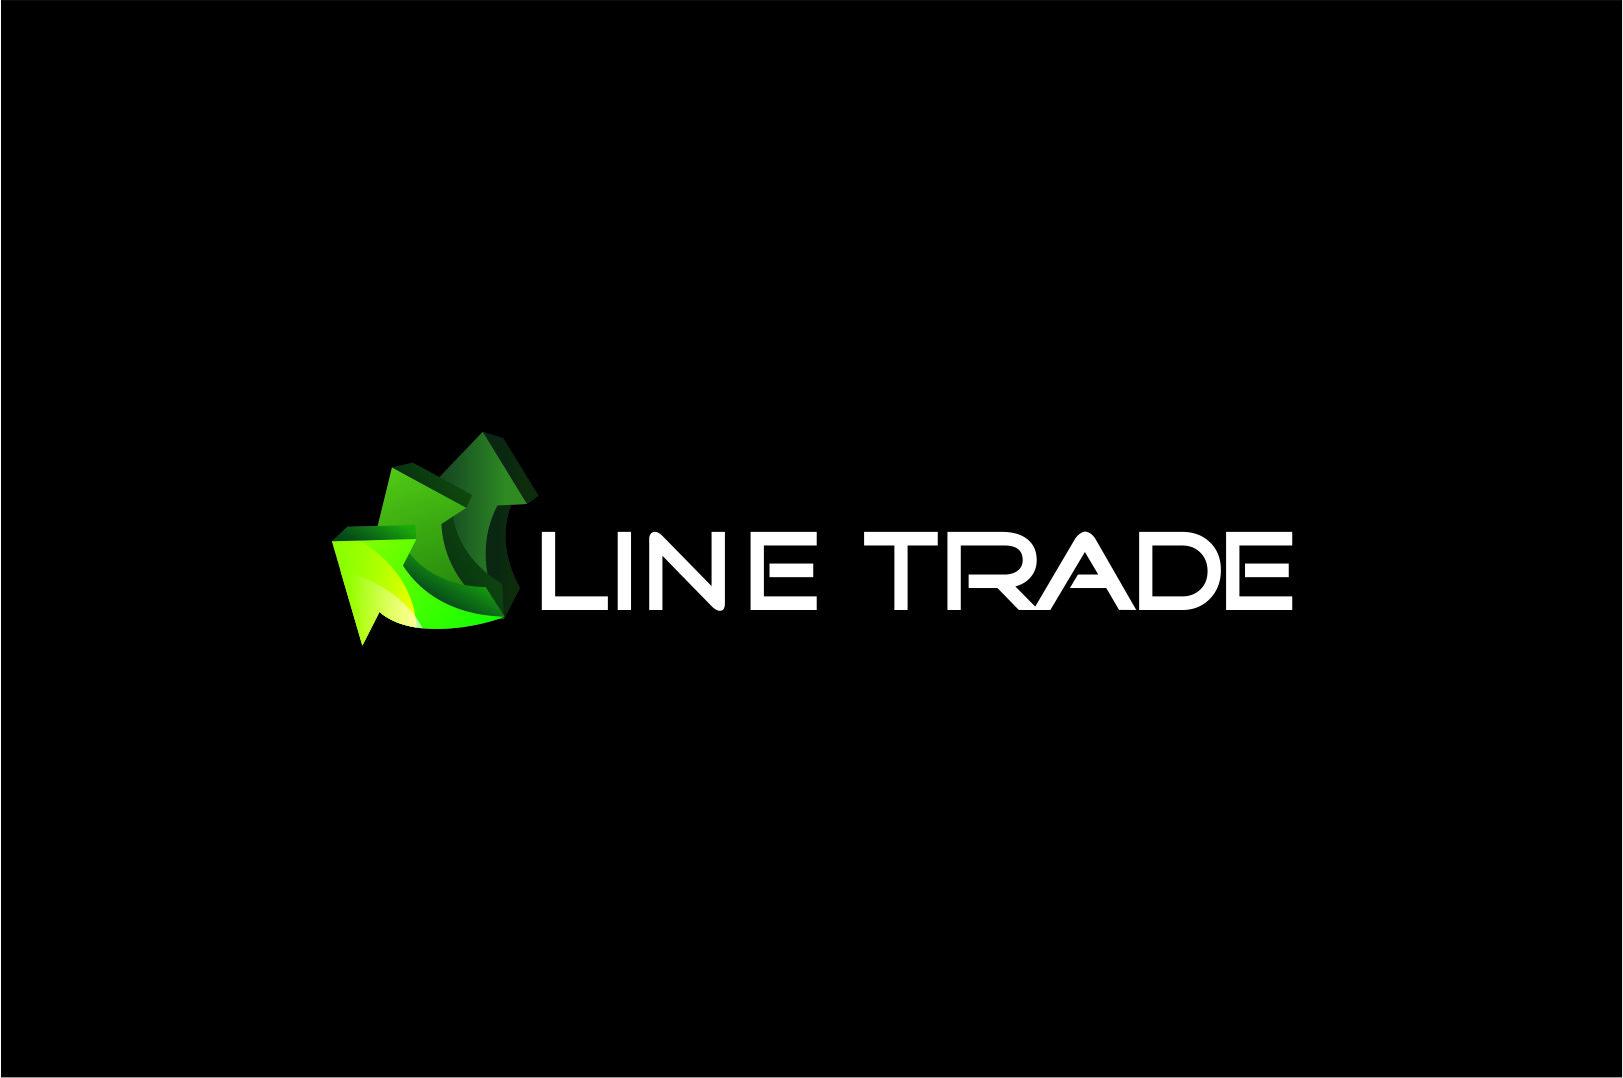 Разработка логотипа компании Line Trade фото f_92850f7a896f2880.jpg